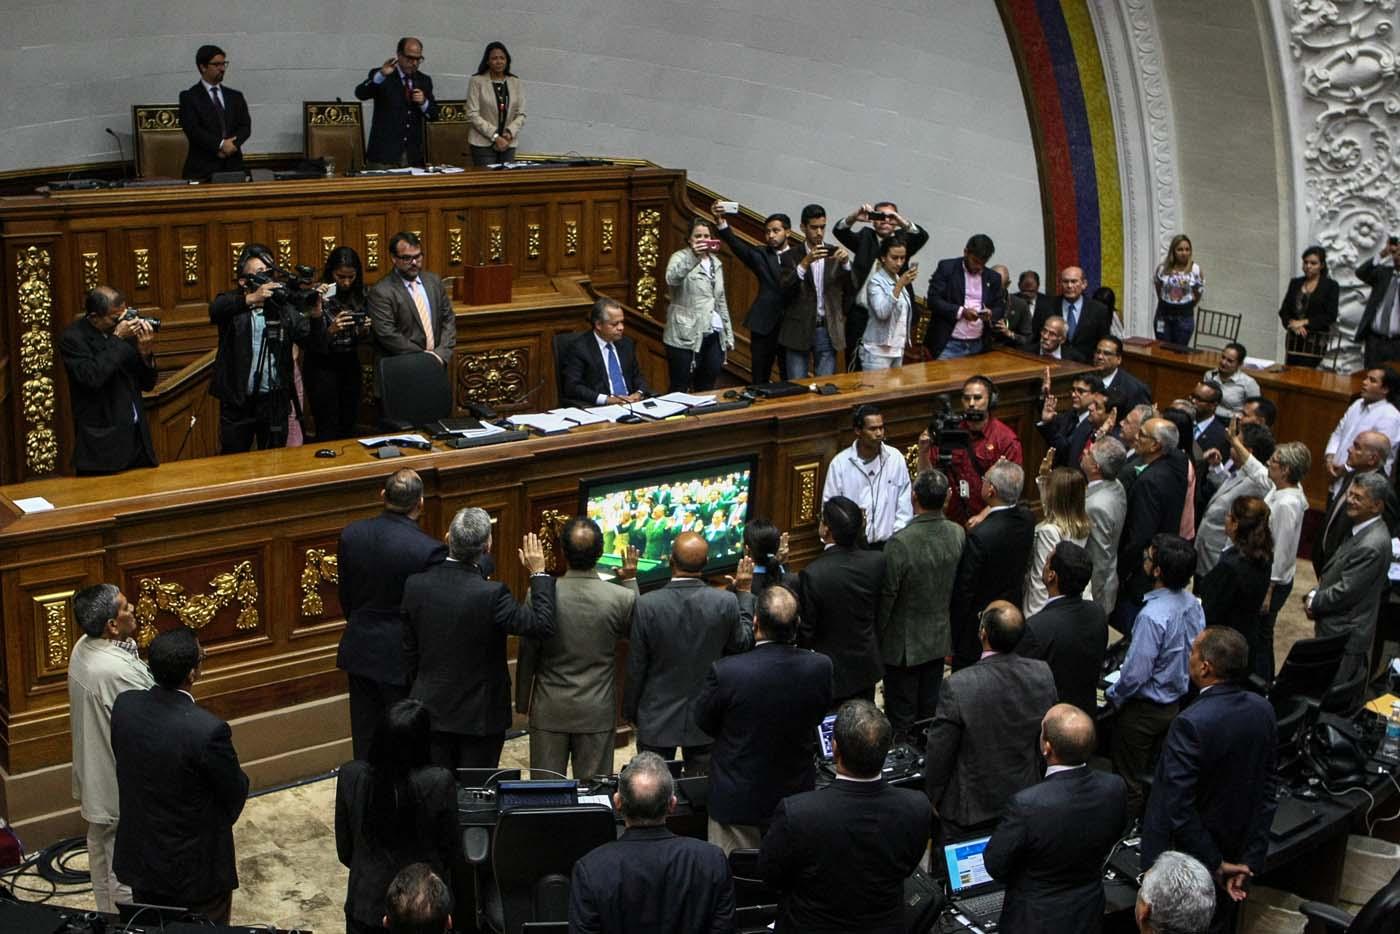 EFE/CRISTIAN HERNÁNDEZ[/caption]  &nbsp;  La Asamblea Nacional suspendió la sesión de este martes 20 de junio sobre la Complicidad y conspiración de la dictadura para acabar con la República.  En la propuesta de Orden del Día, los parlamentarios tratarían como único punto: Debate sobre la conspiración de altos funcionarios del régimen de Nicolás Maduro Moros para destruir la Constitución y la forma republicana de la Nación.   <blockquote class=